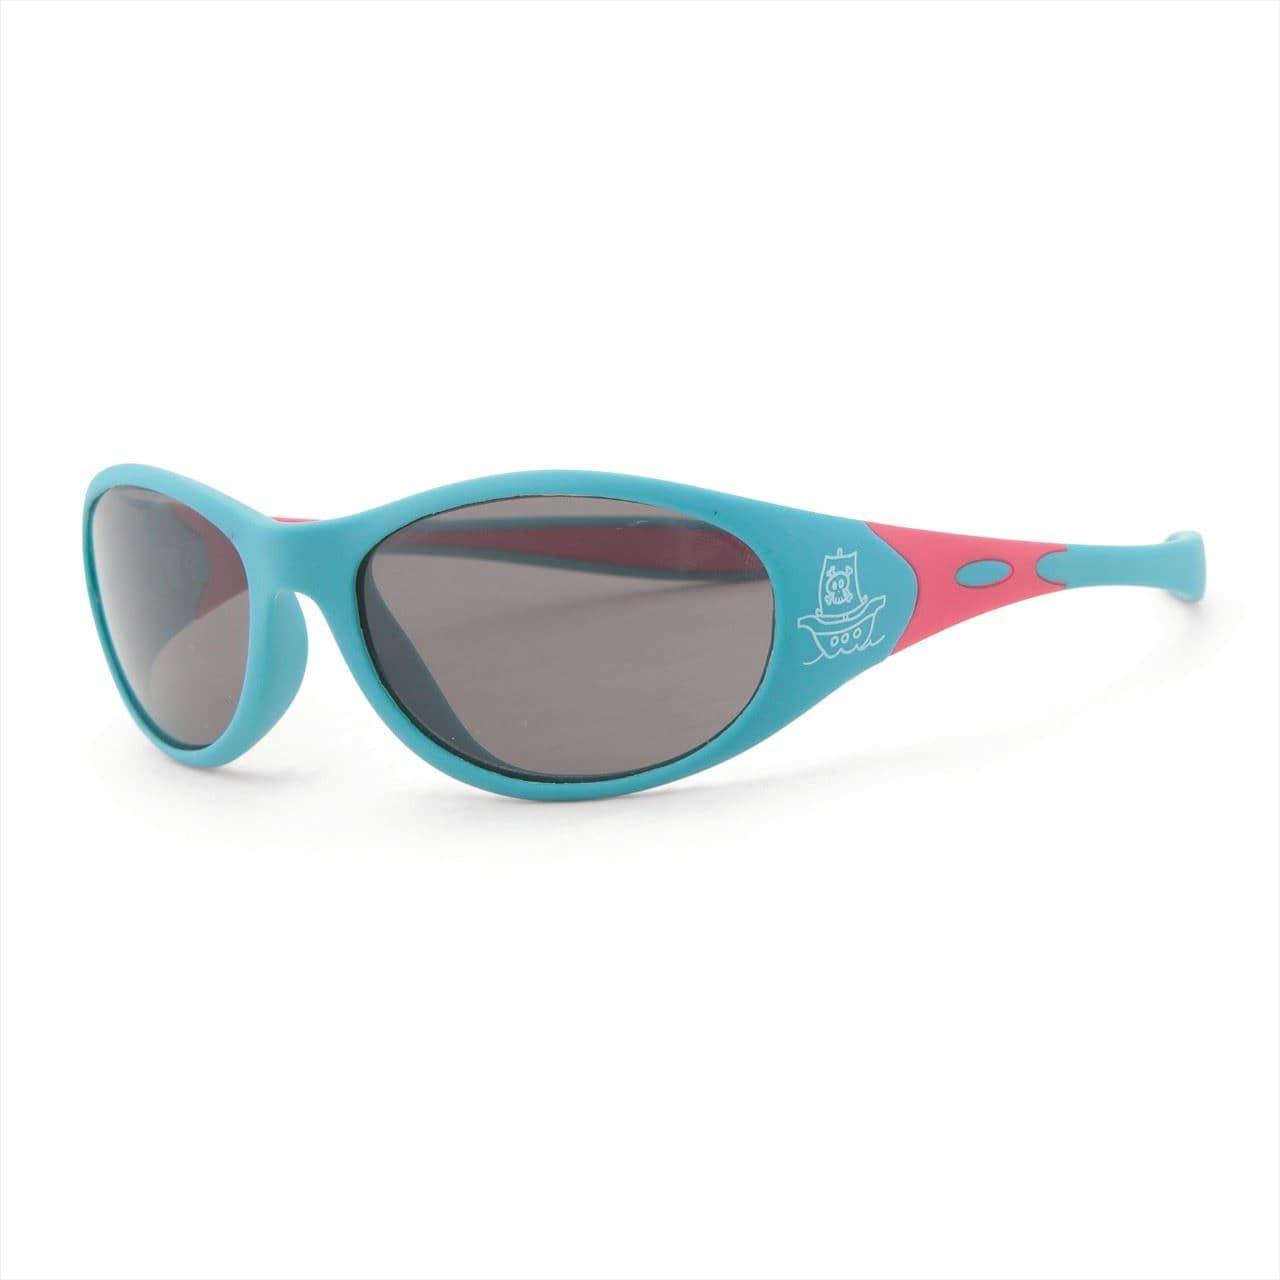 Chicco Sunglasses Boy Little Pirate 24m+ Γυαλιά Ηλίου για Αγόρια, 1 ζευγάρι